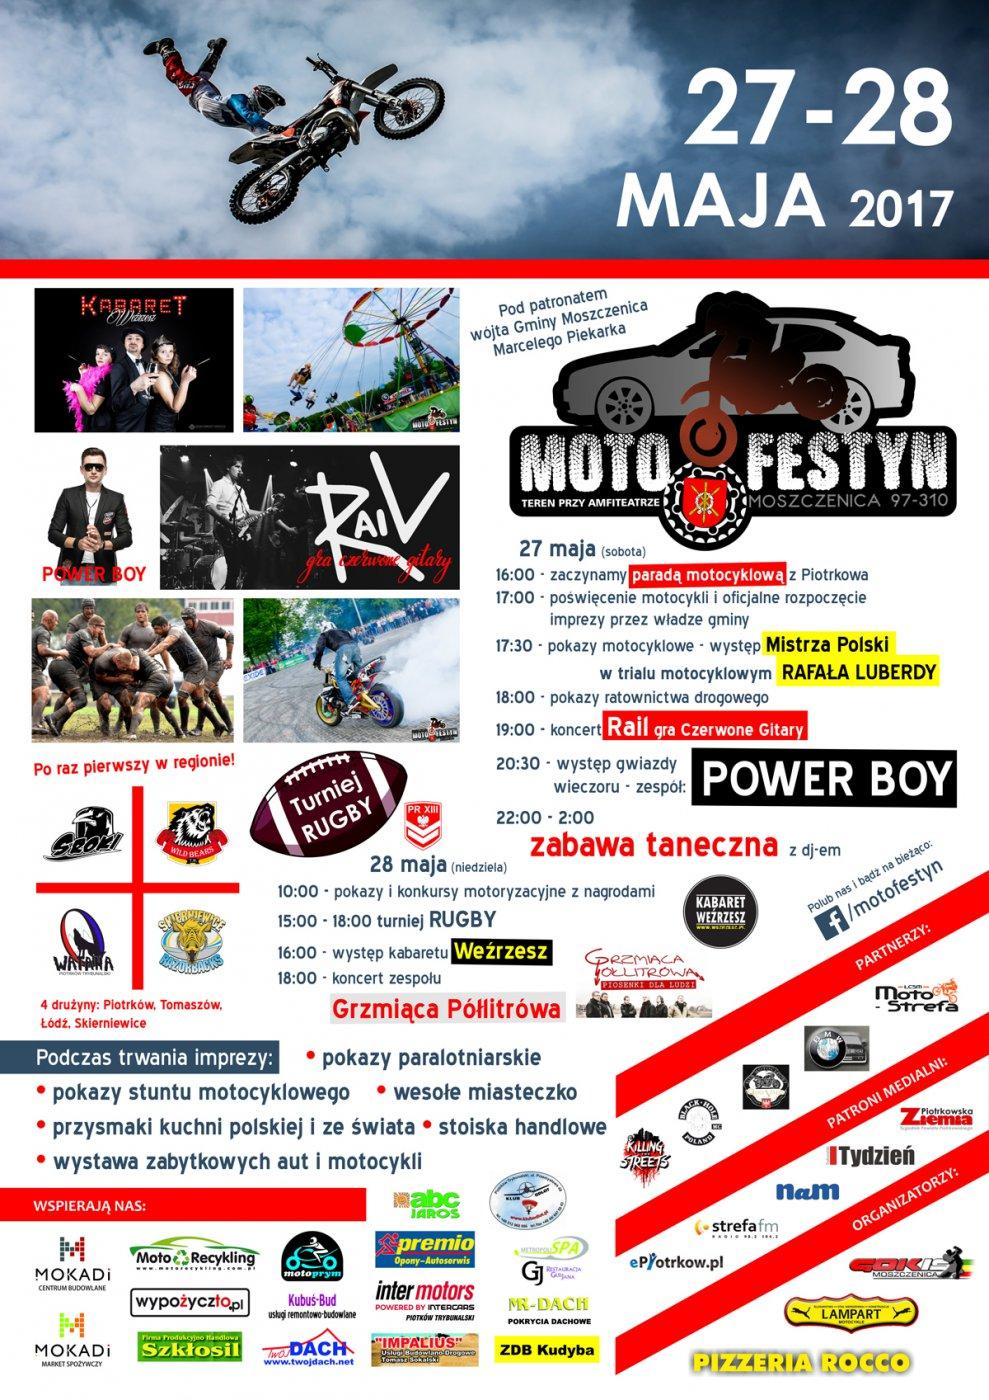 Motofestyn Moszczenica 2017